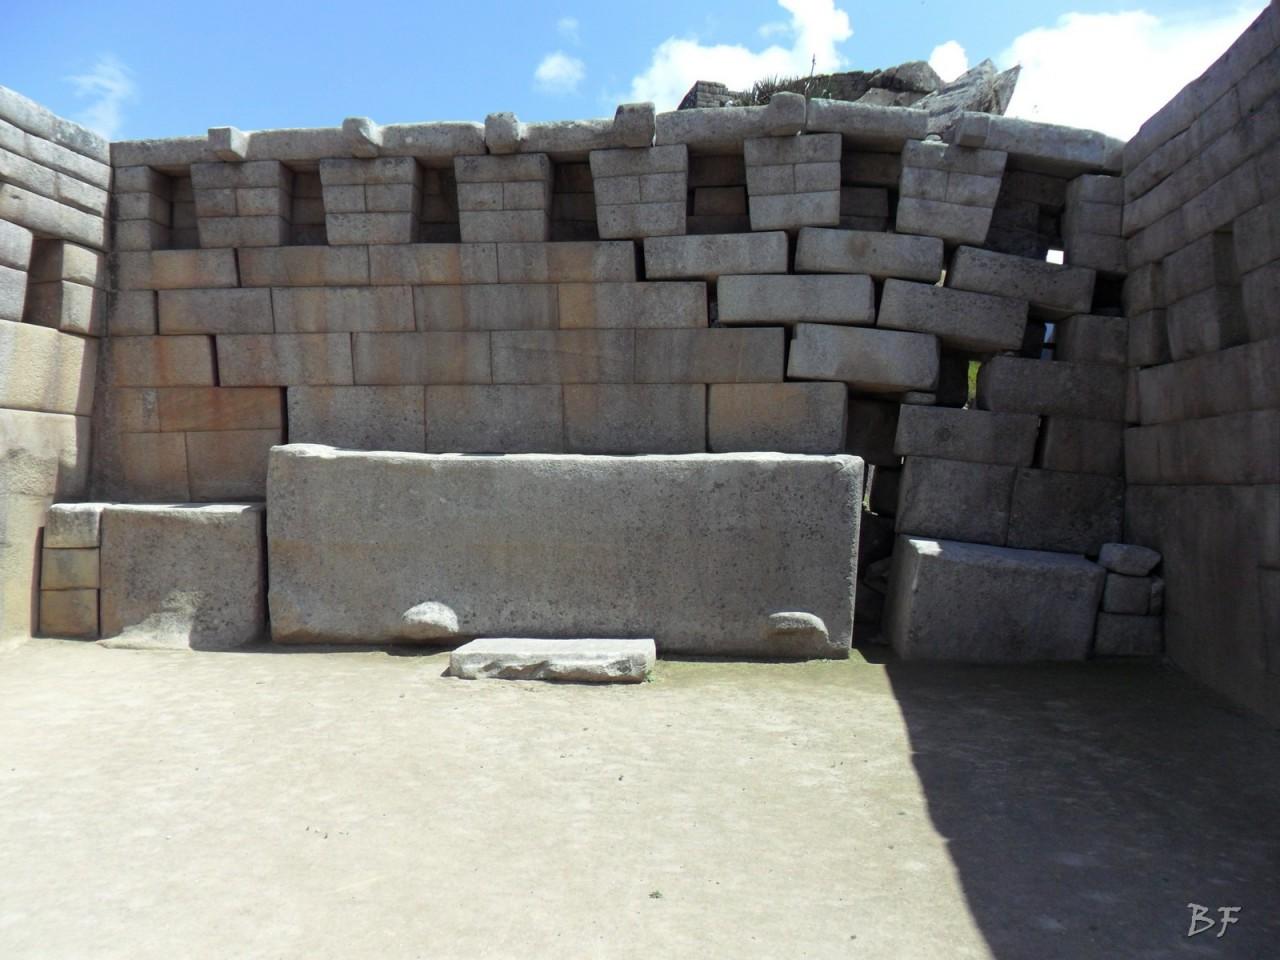 Mura-Poligonali-Incisioni-Altari-Edifici-Rupestri-Megaliti-Machu-Picchu-Aguas-Calientes-Urubamba-Cusco-Perù-55